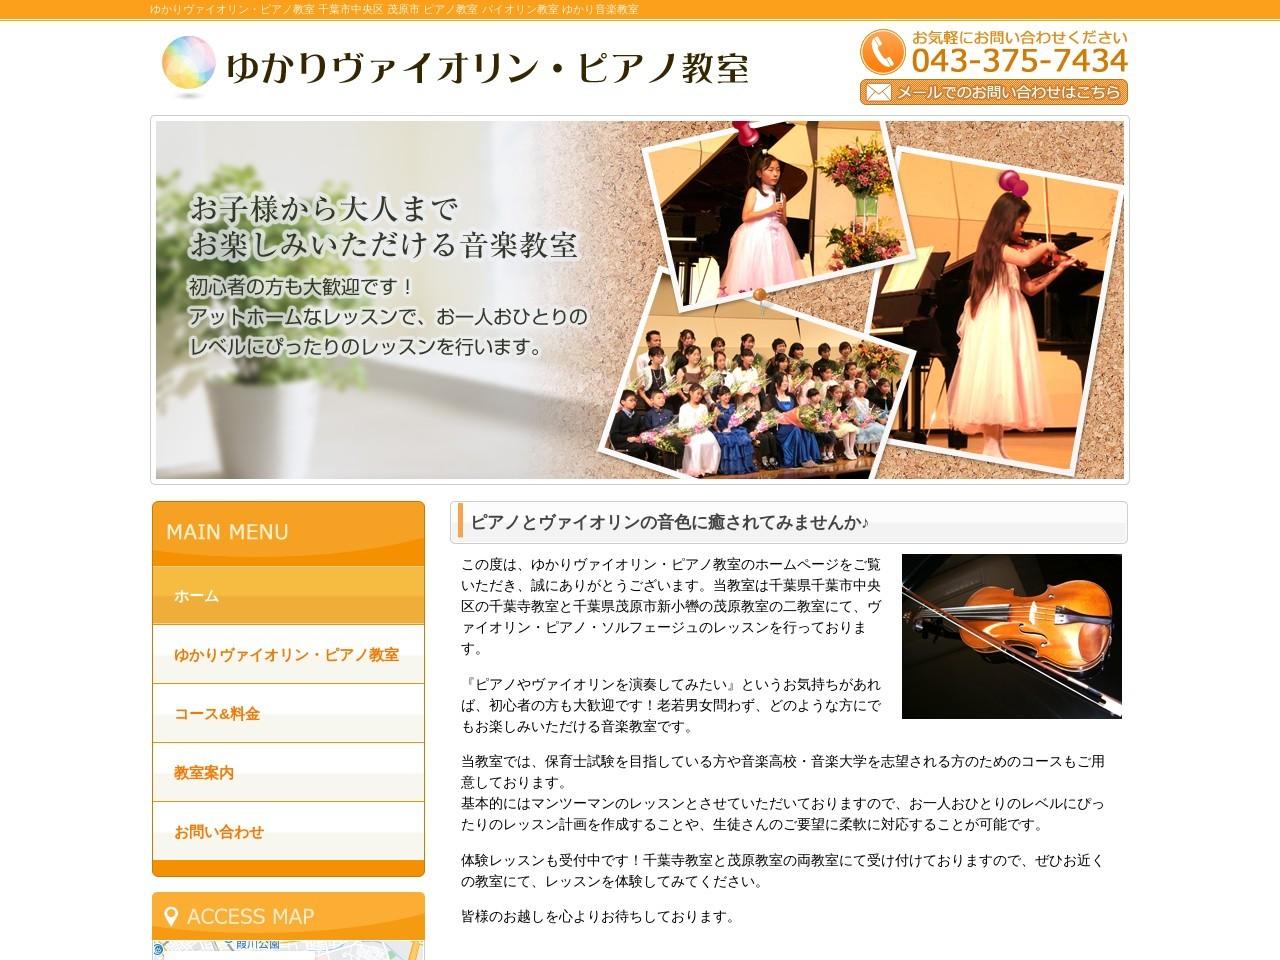 ゆかりヴァイオリン・ピアノ教室(千葉寺教室)のサムネイル